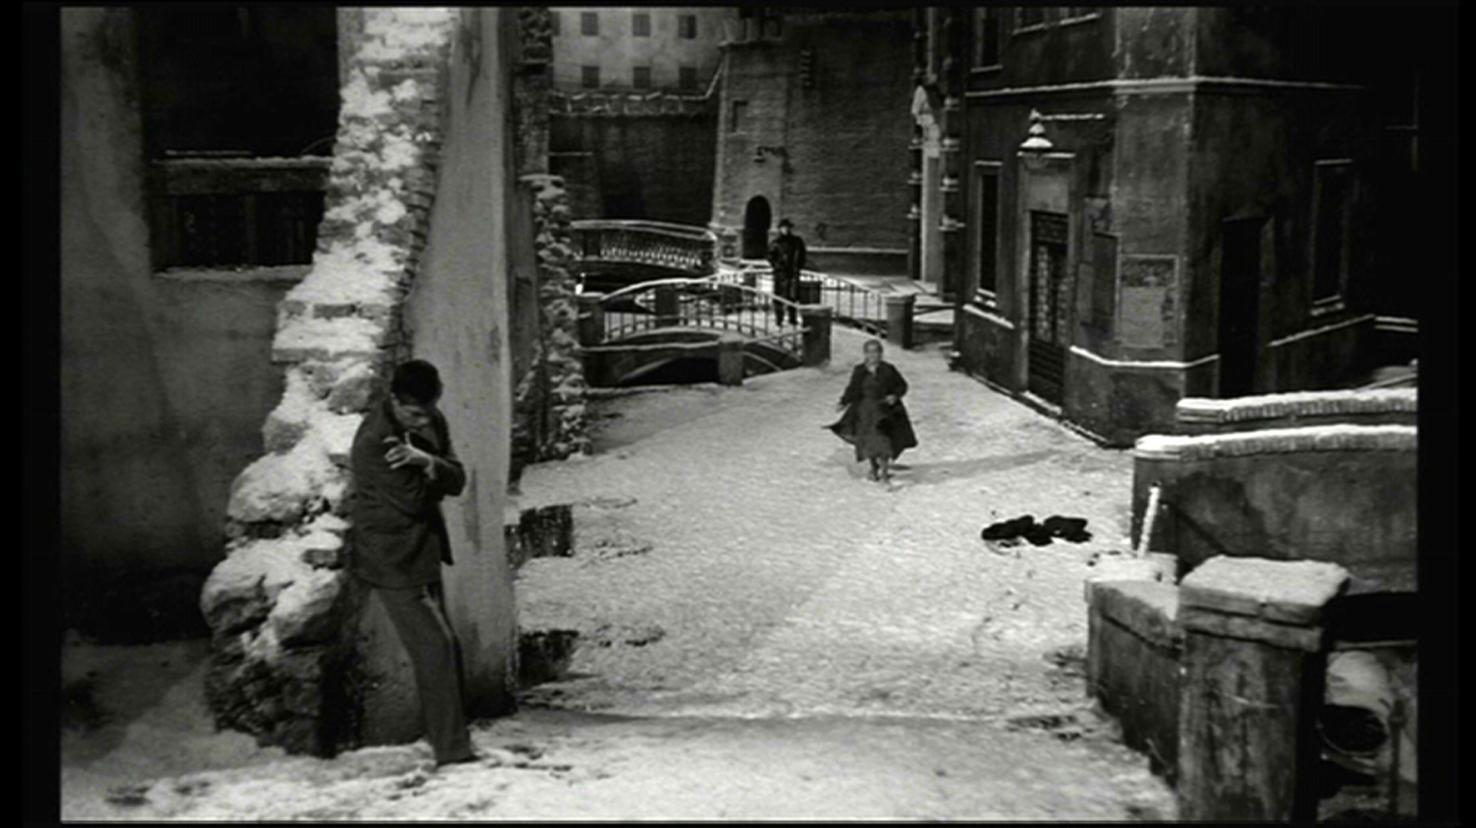 Notti bianche film Visconti 9